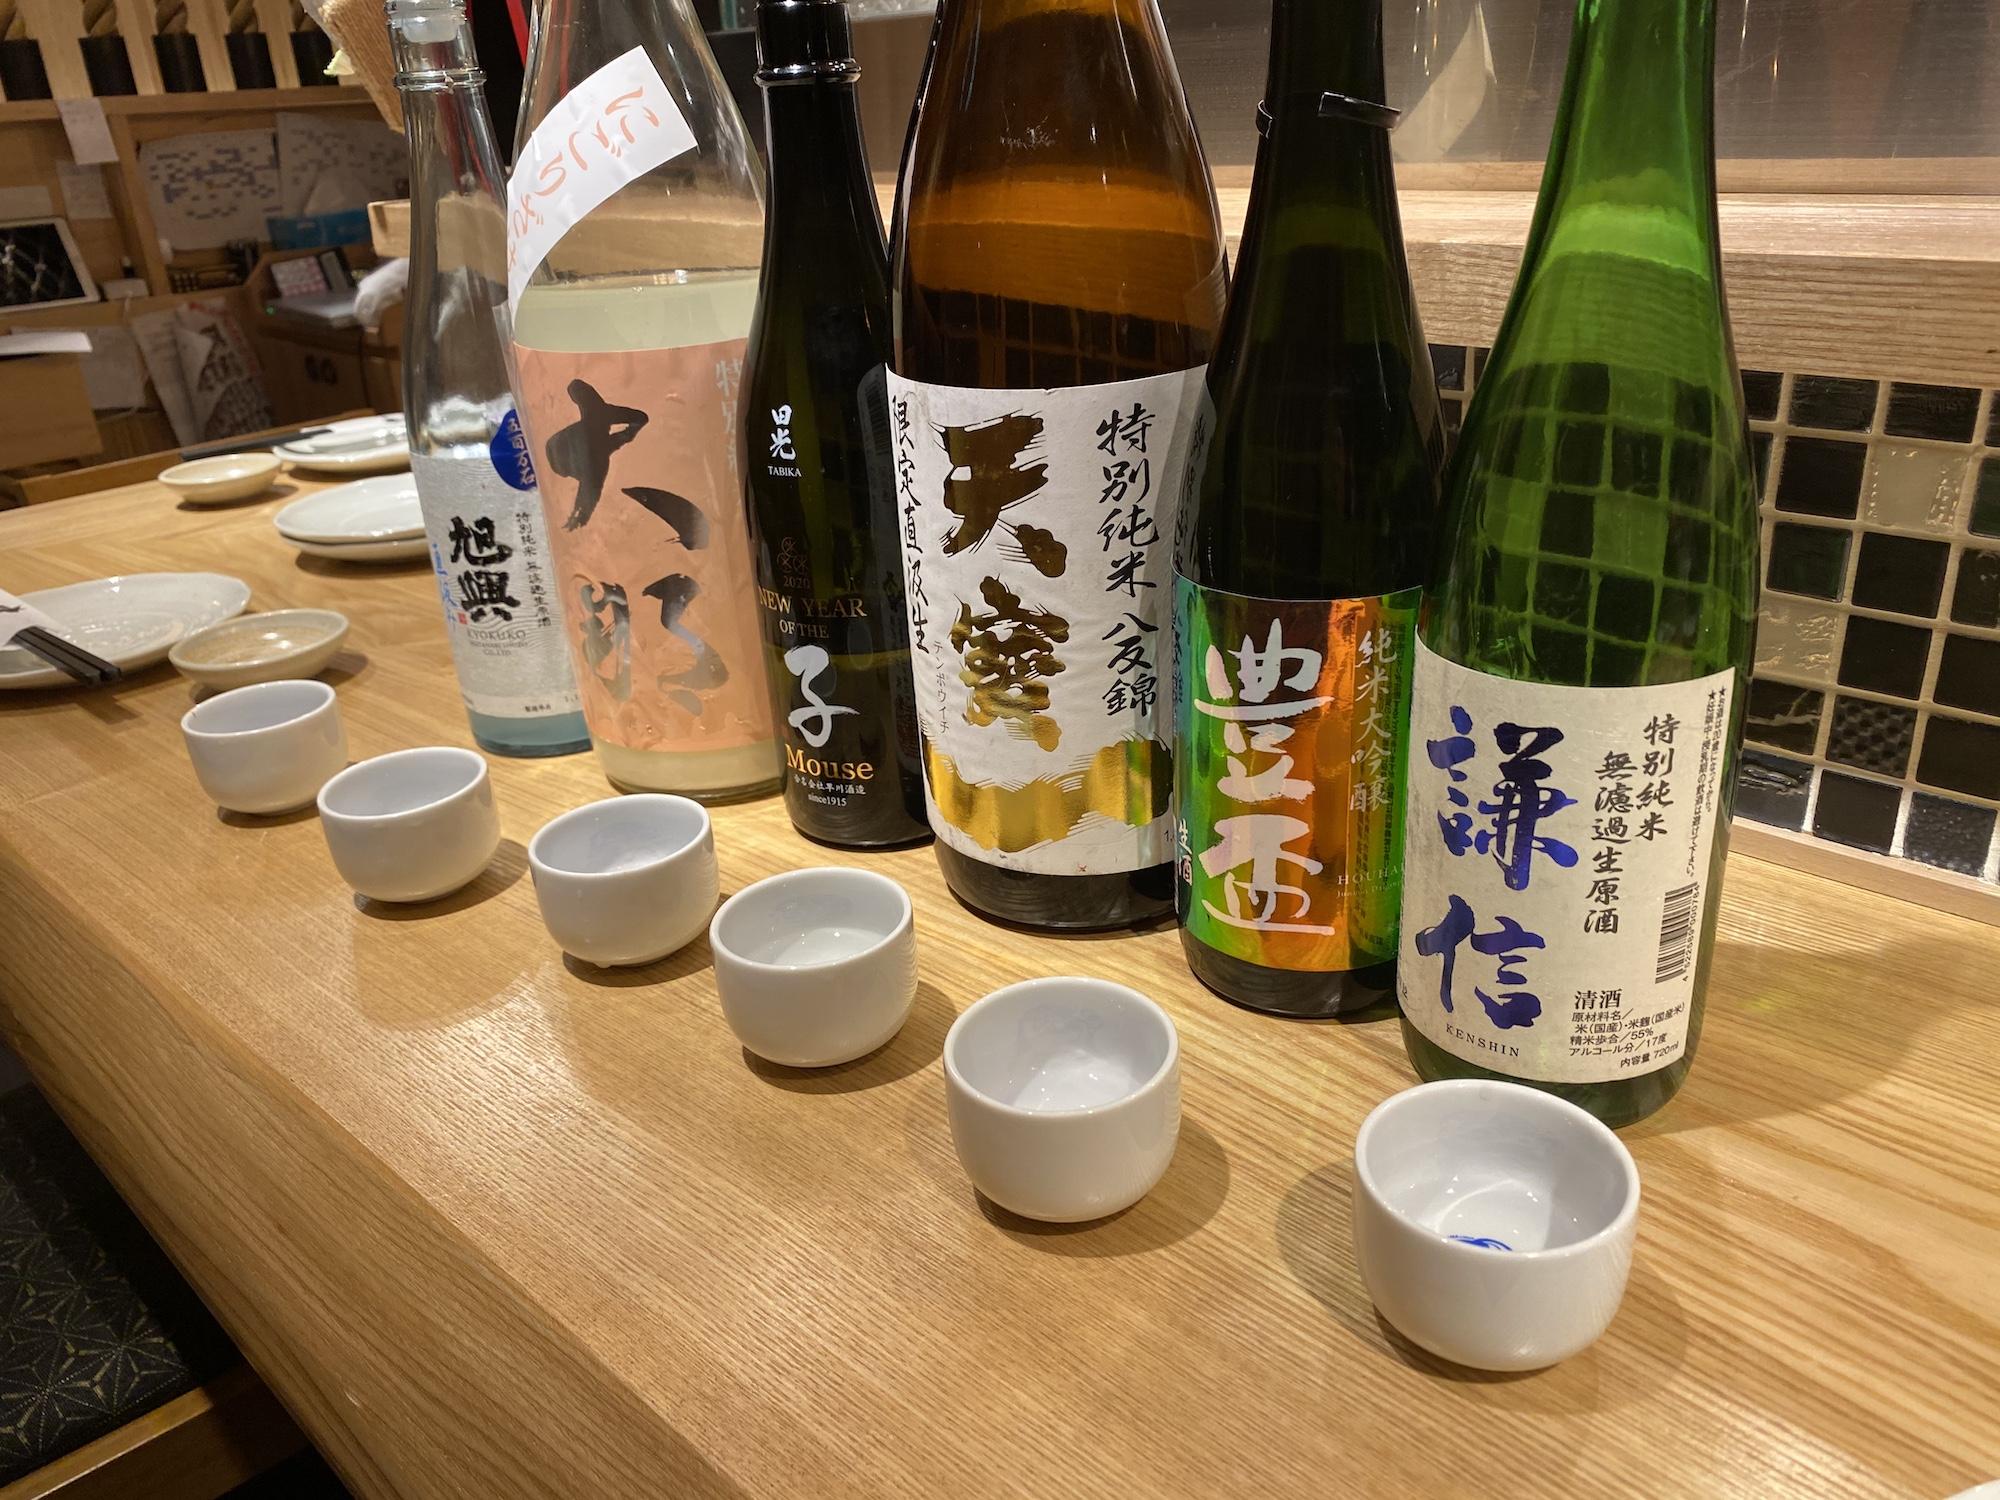 自信のある日本酒